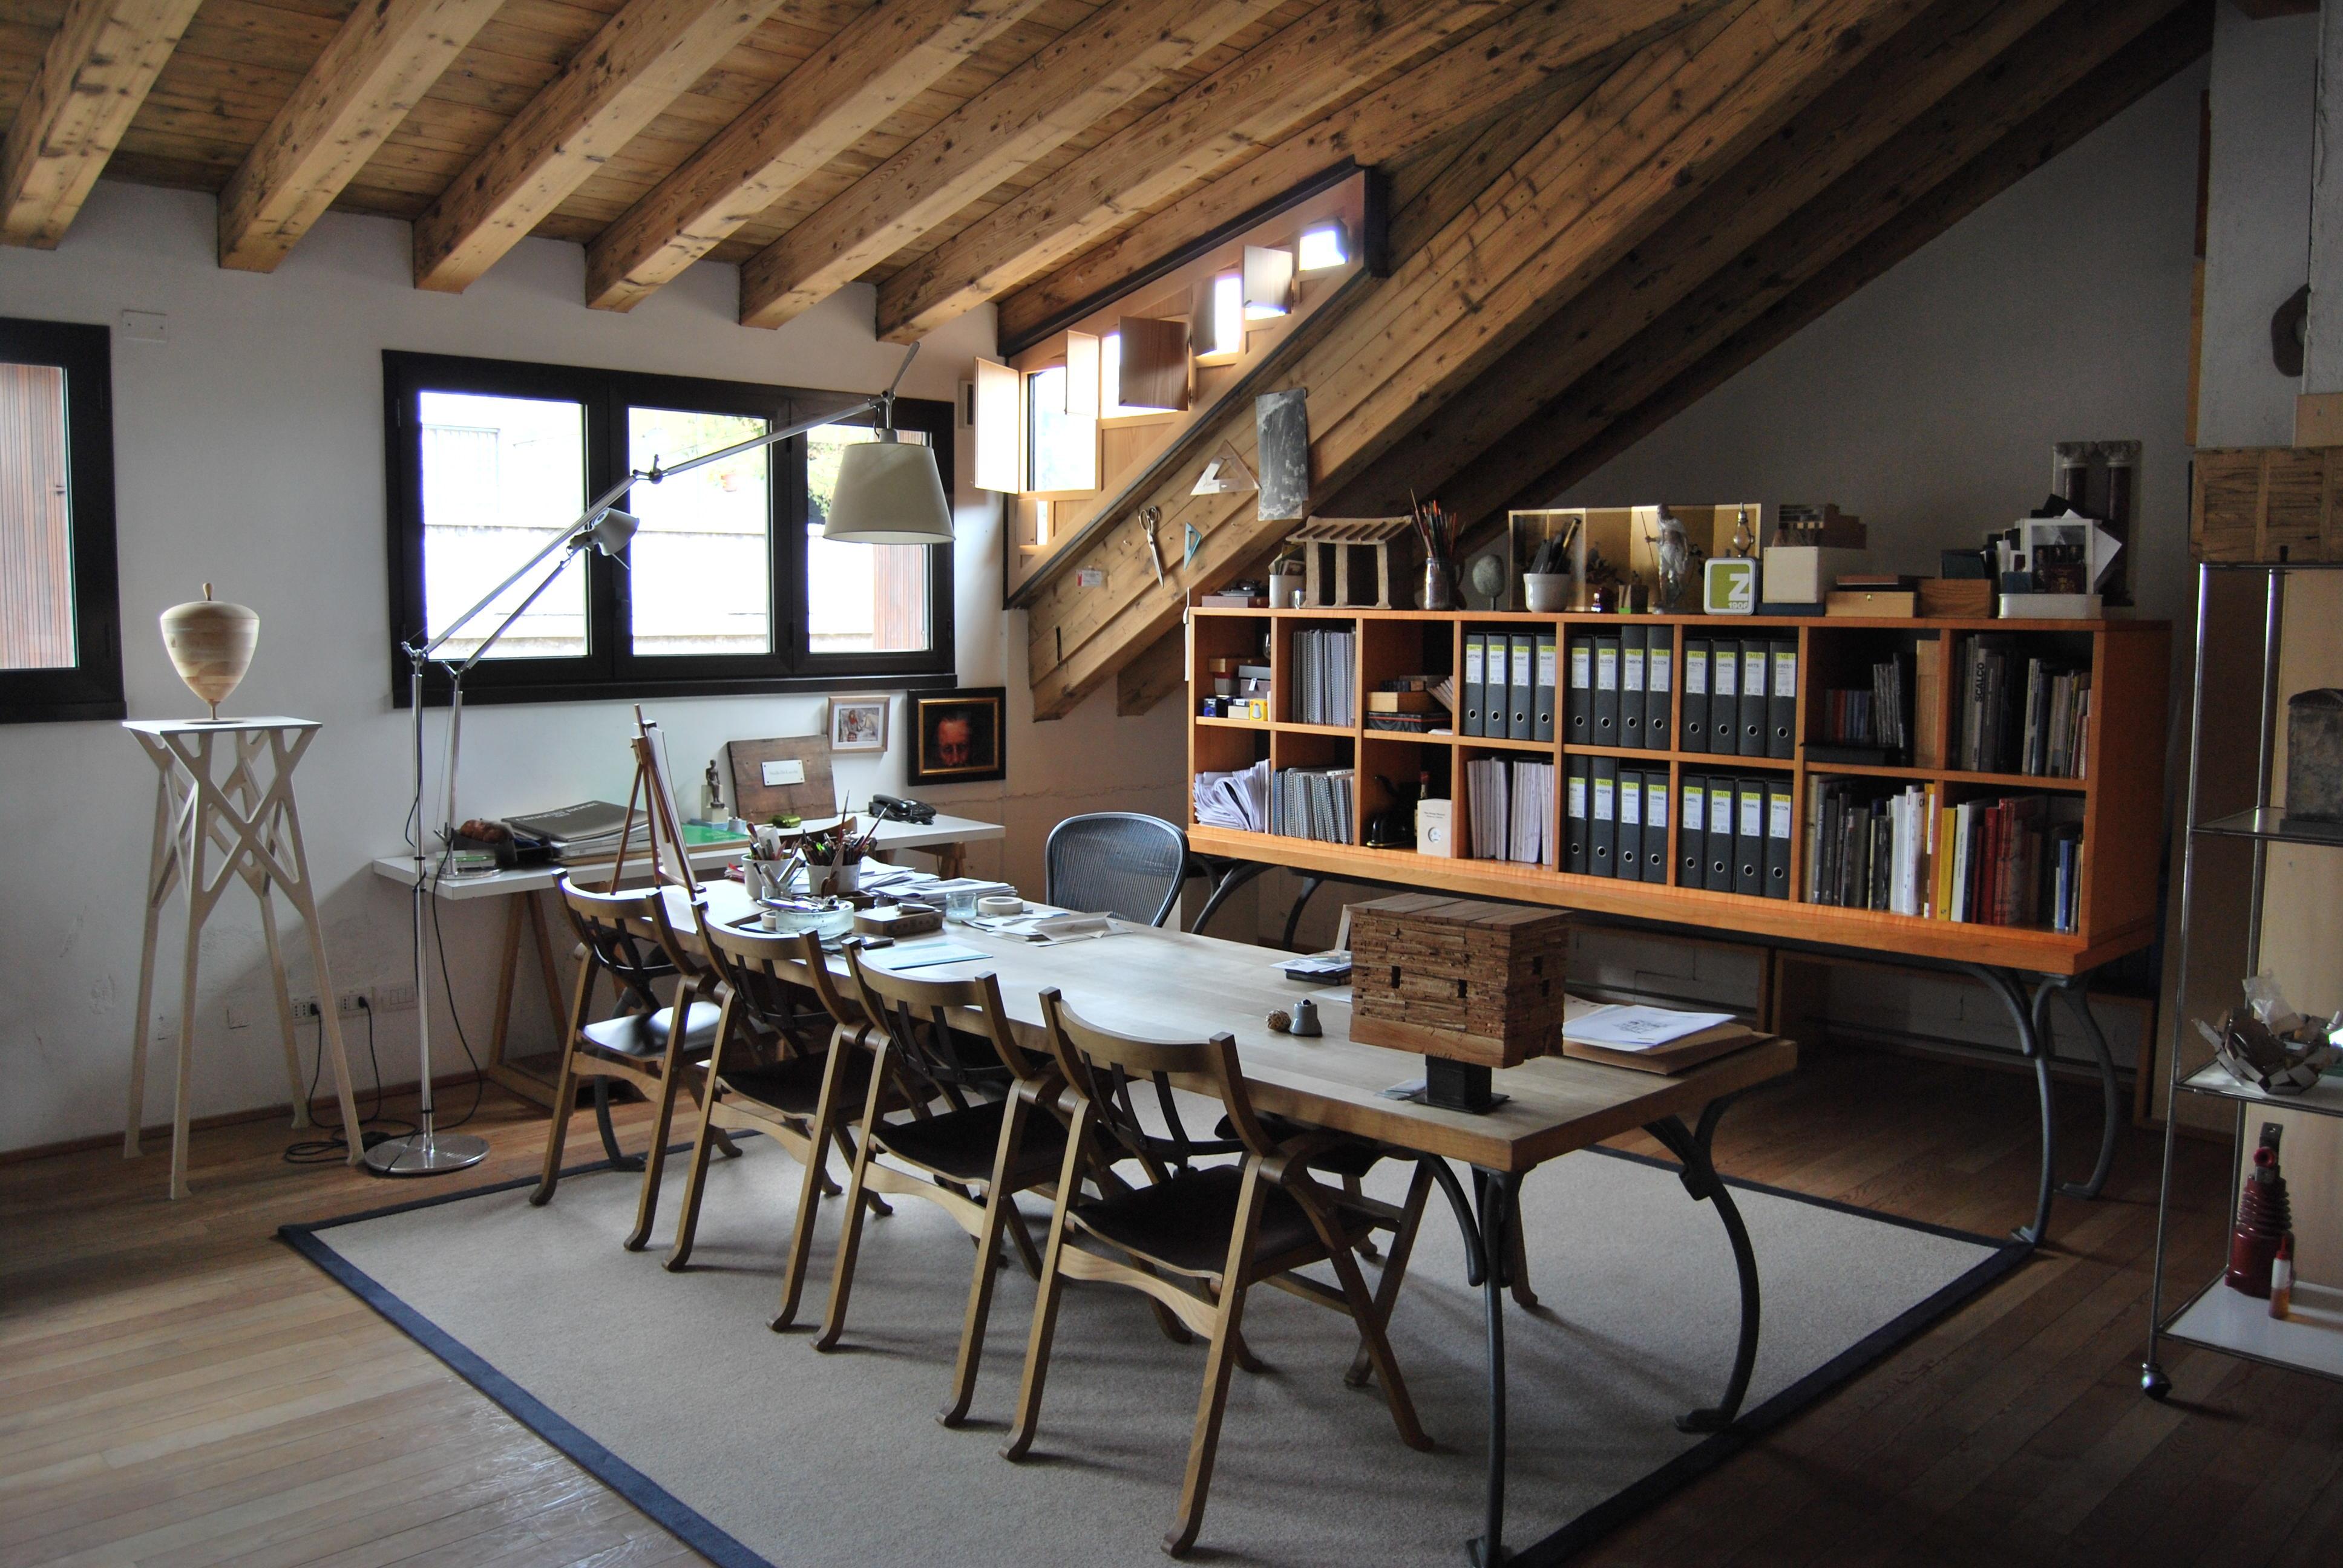 Forum arredamento u illuminazione per soggiorno soffitto in